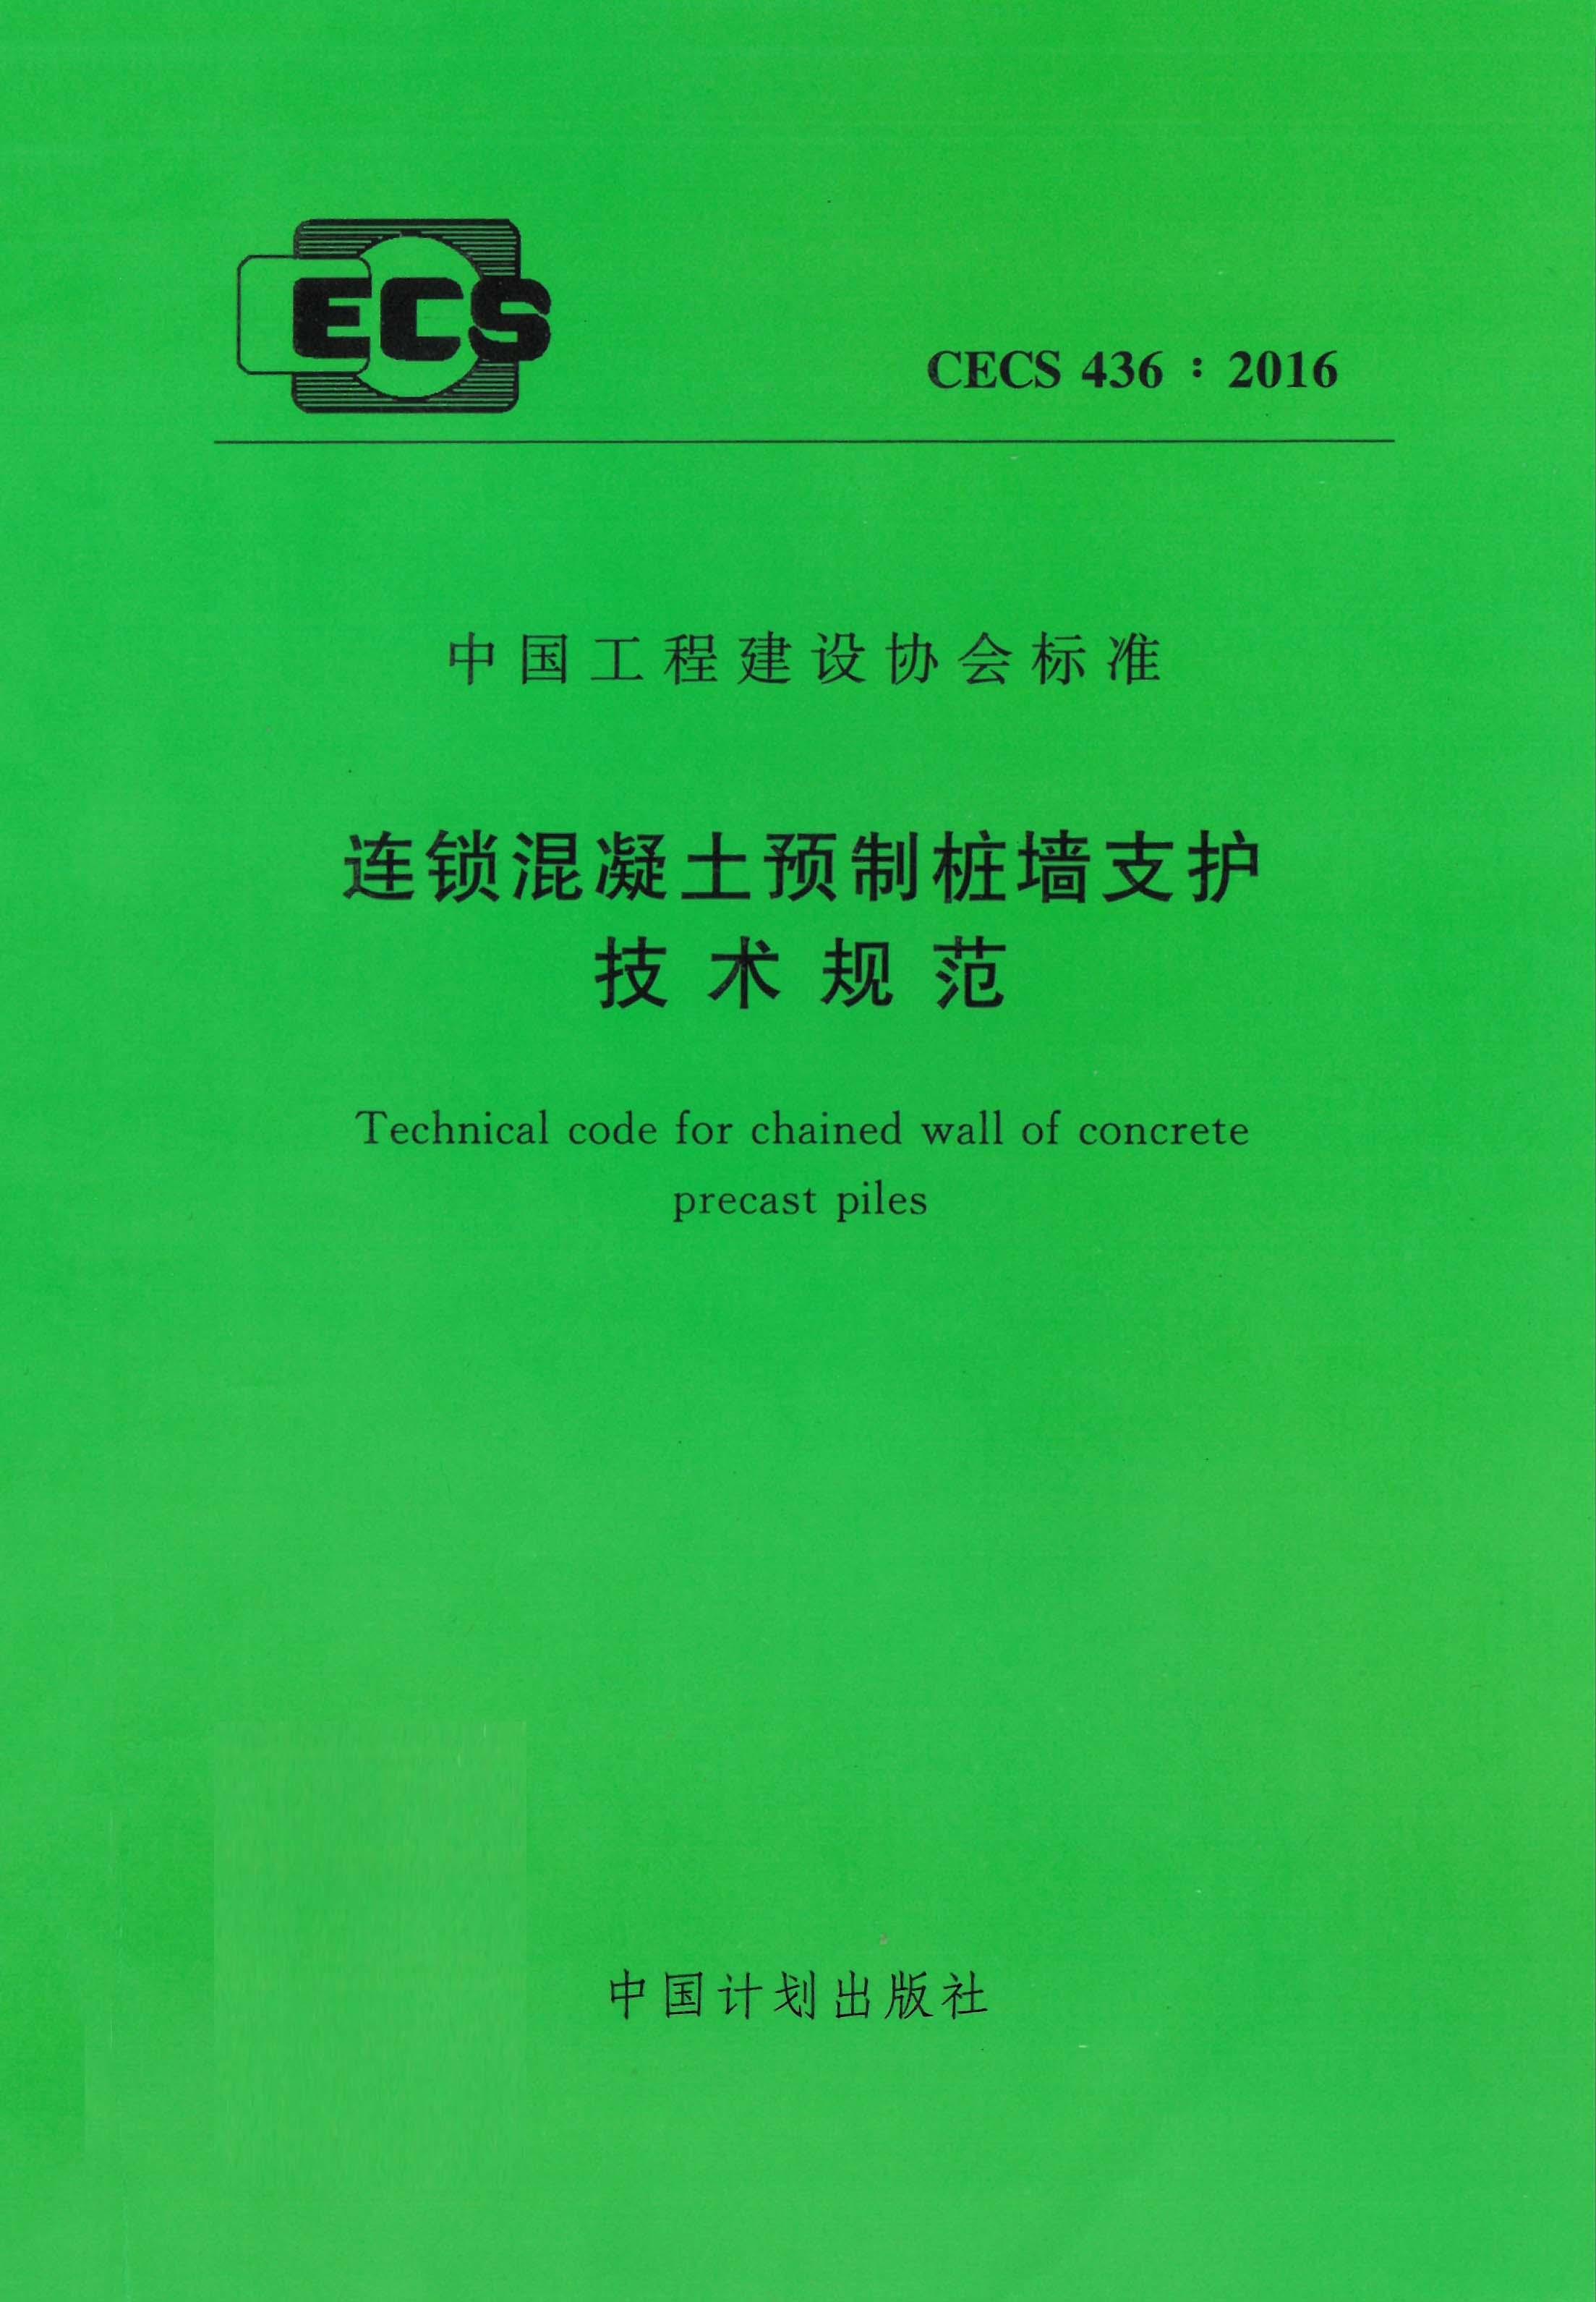 連鎖混凝土預制樁墻支護技術規范.jpg